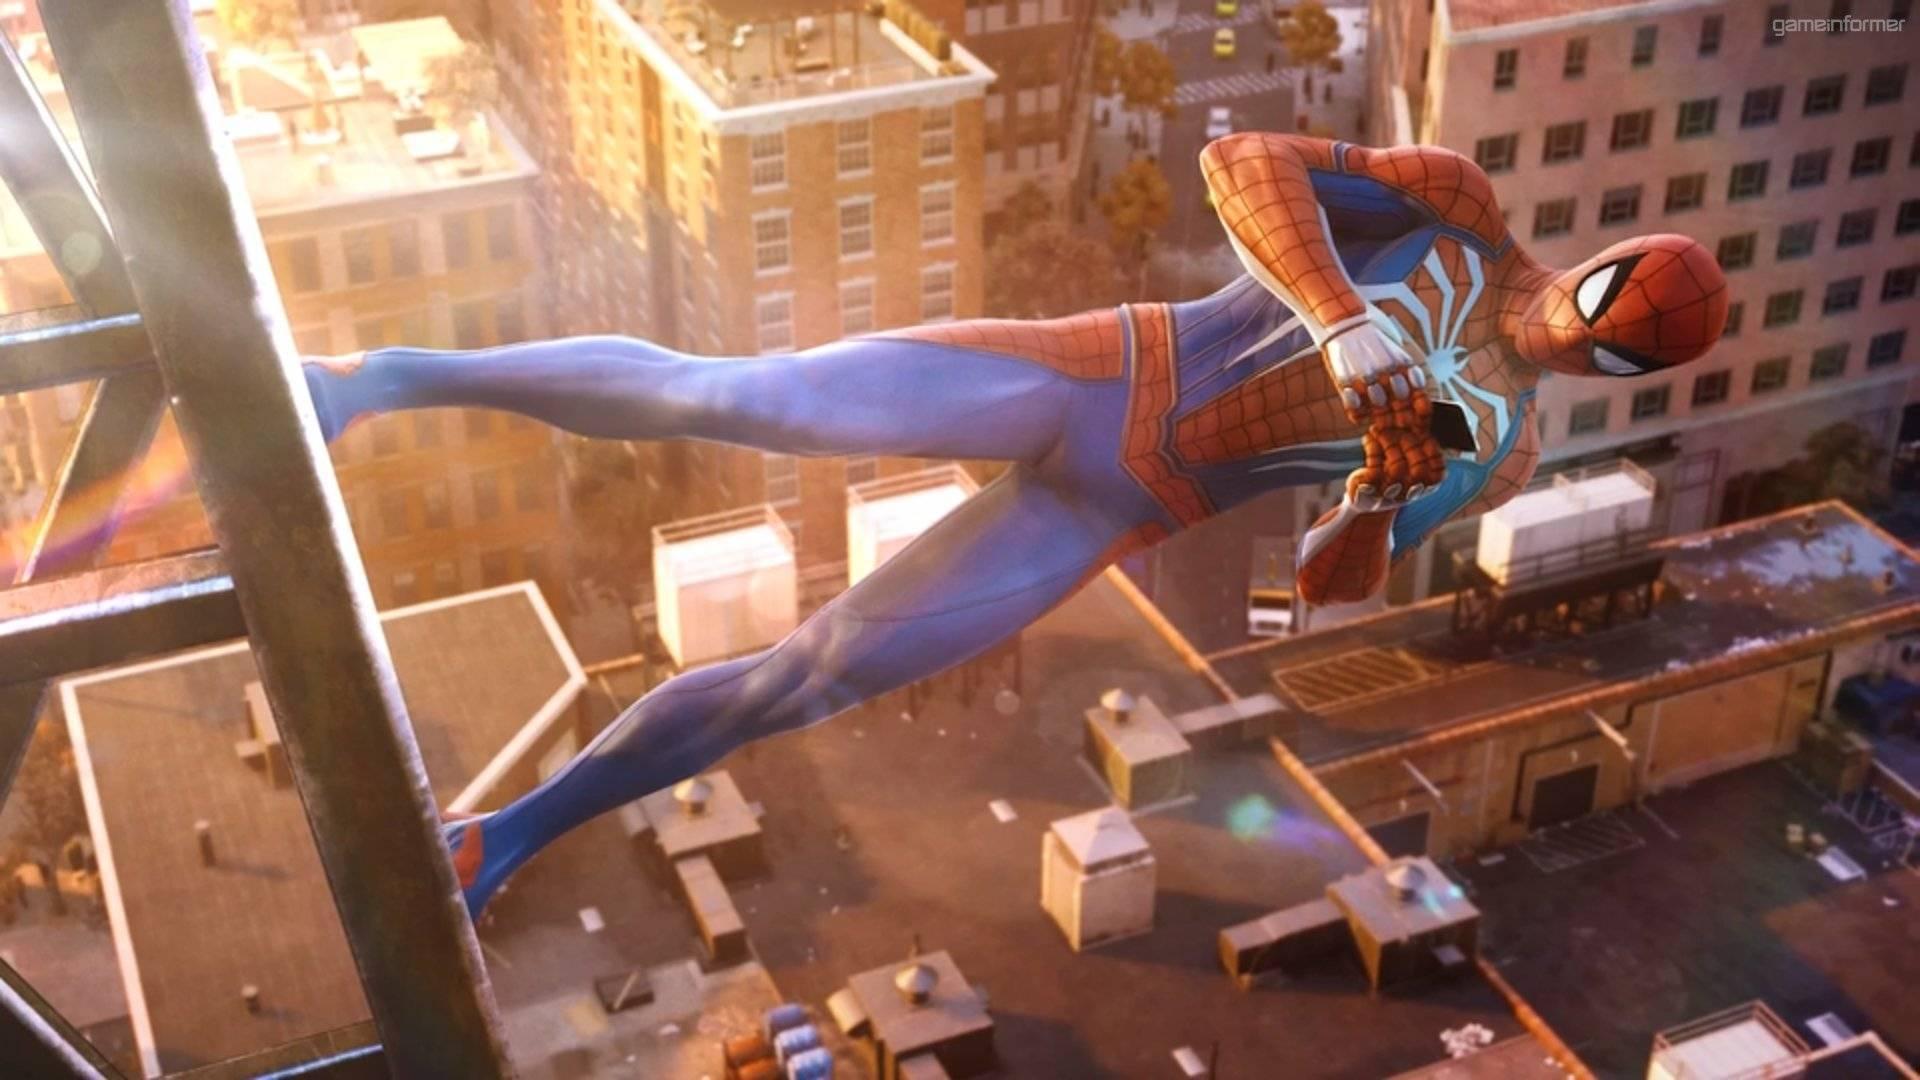 19:蜘蛛侠:奎哥加油,我就是来划水的